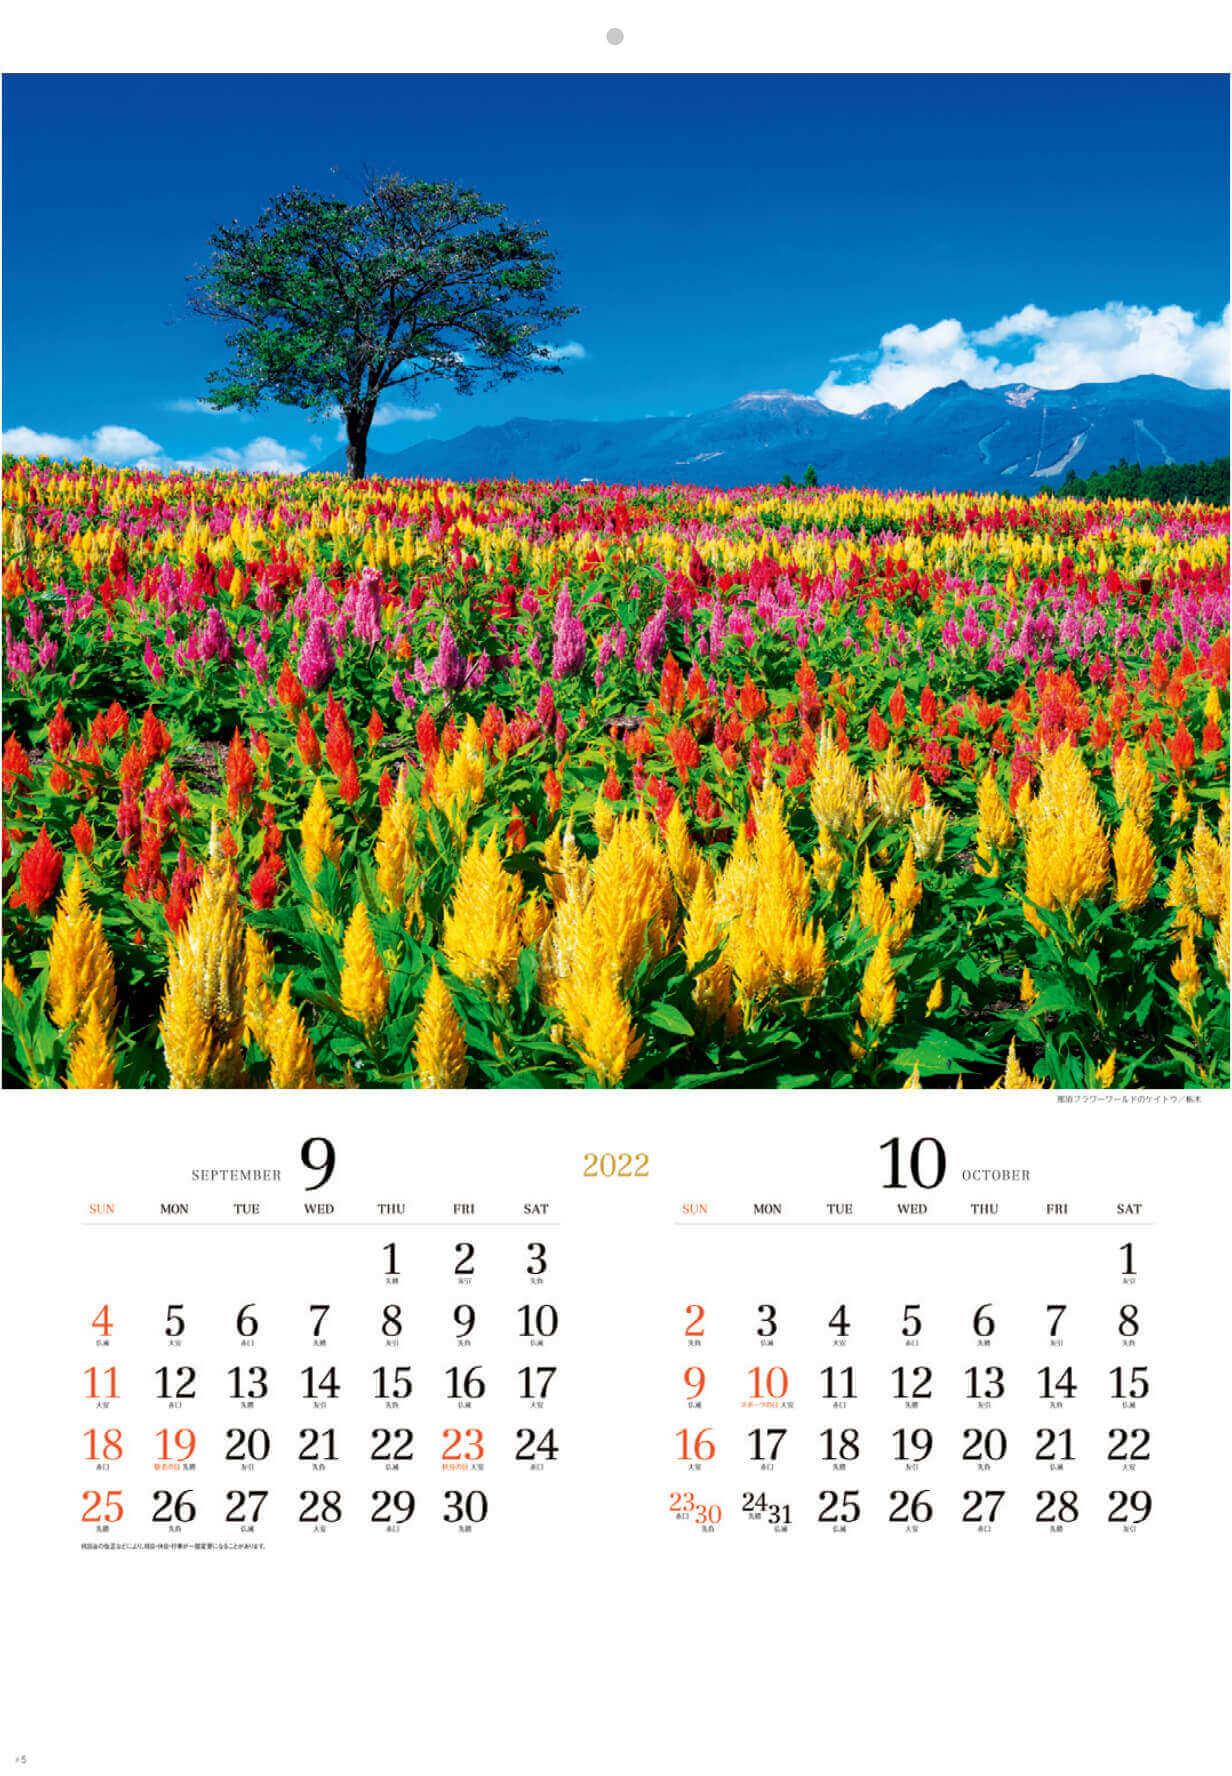 9-10月 那須フラワーワールドのケイトウ(栃木) 花紀行 2022年カレンダーの画像